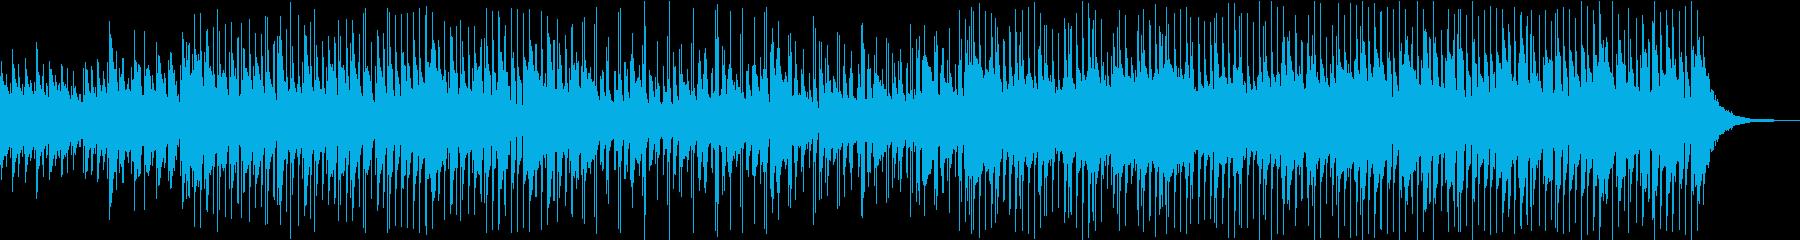 優しくキャッチーなアコースティックポップの再生済みの波形